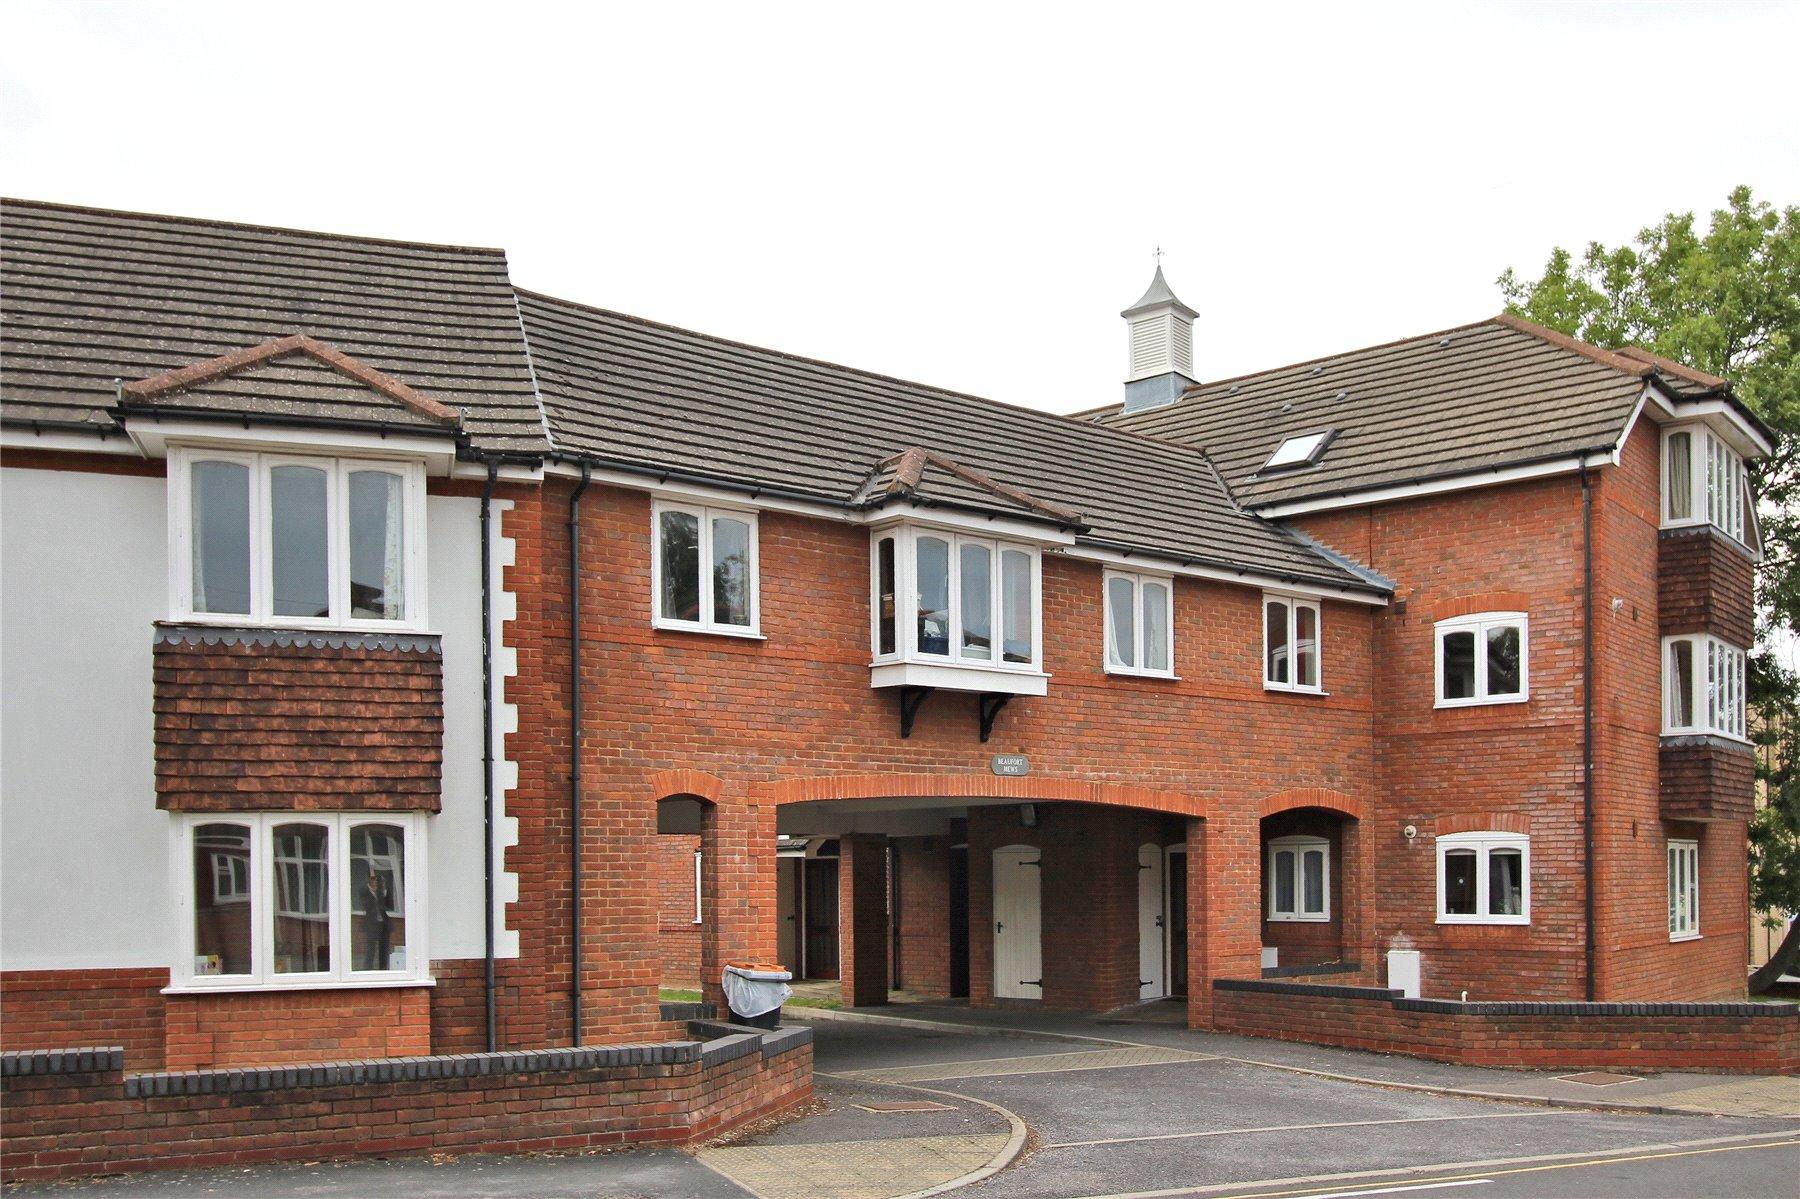 2 Bedrooms Apartment Flat for sale in Beaufort Mews, 1-3 Kingsway, Woking, Surrey, GU21